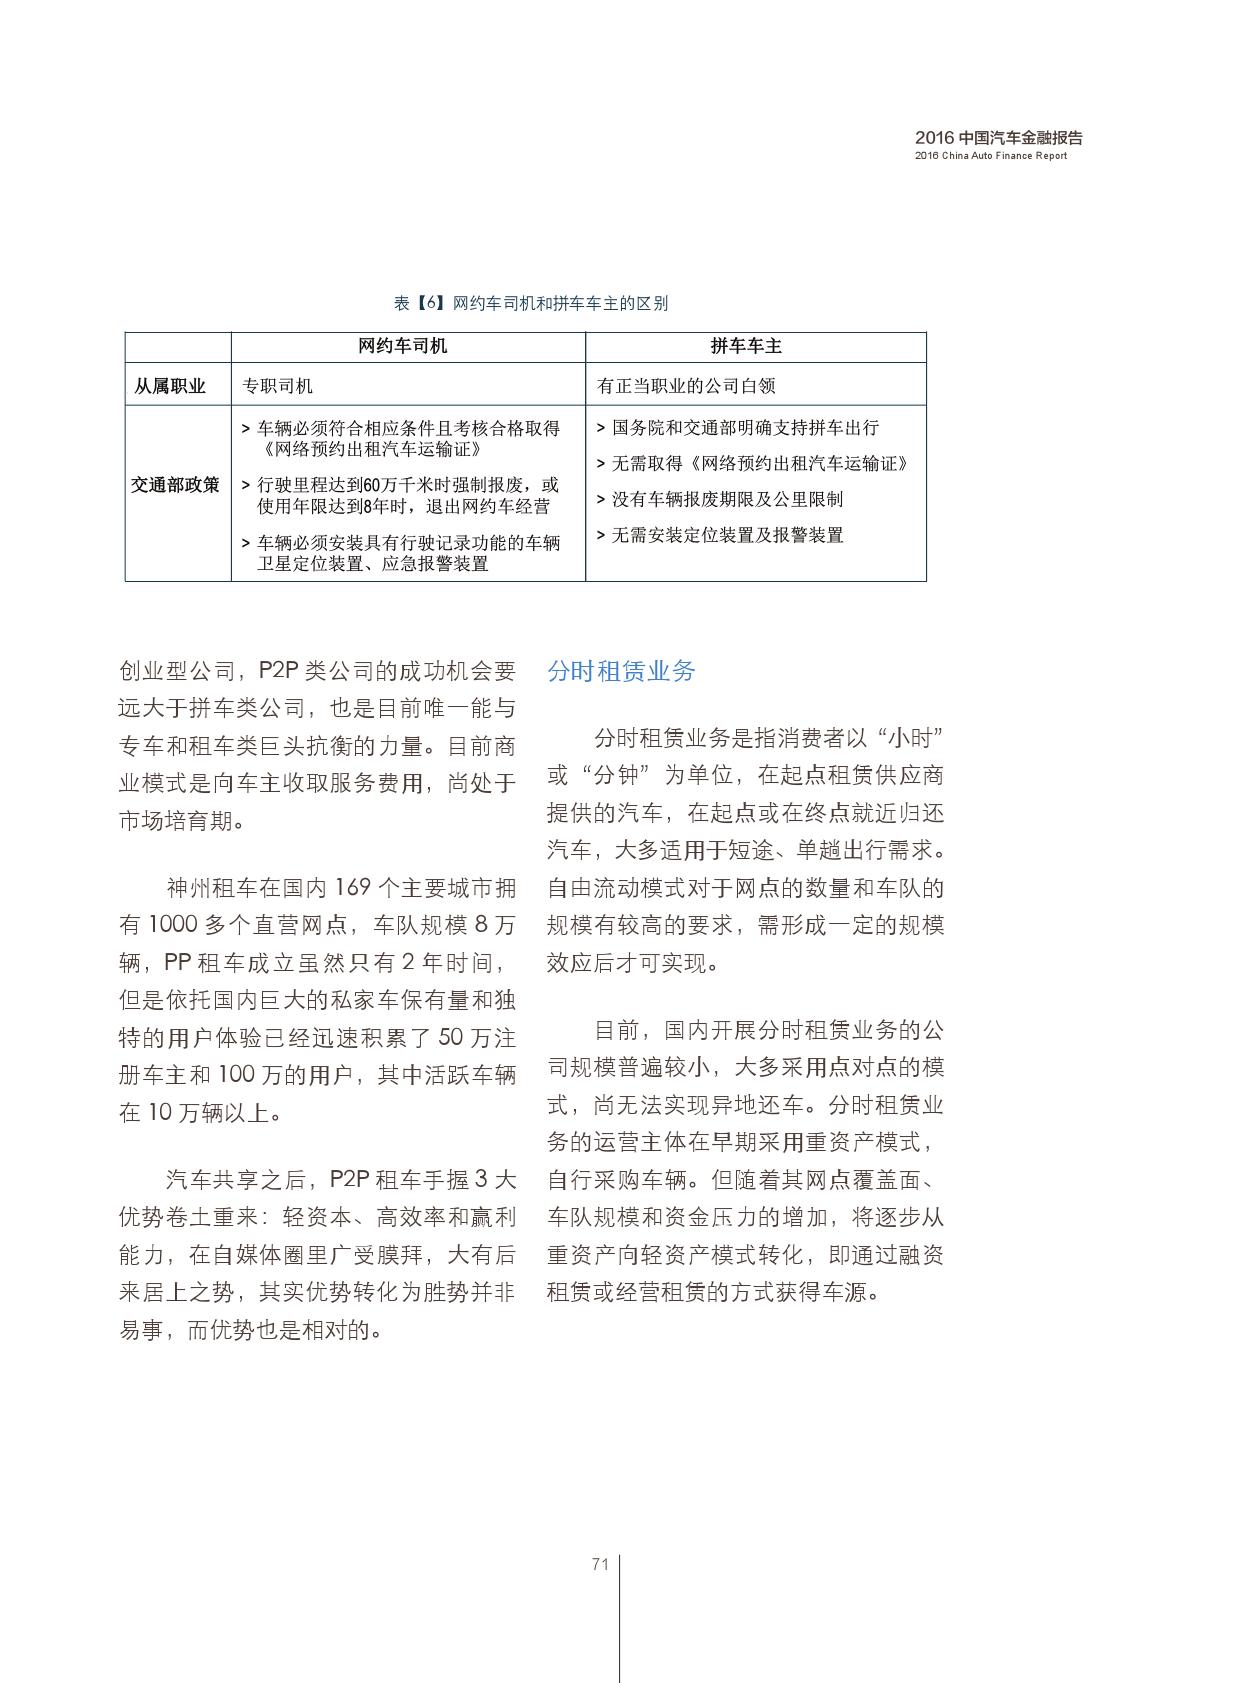 2016中国汽车金融报告_000072